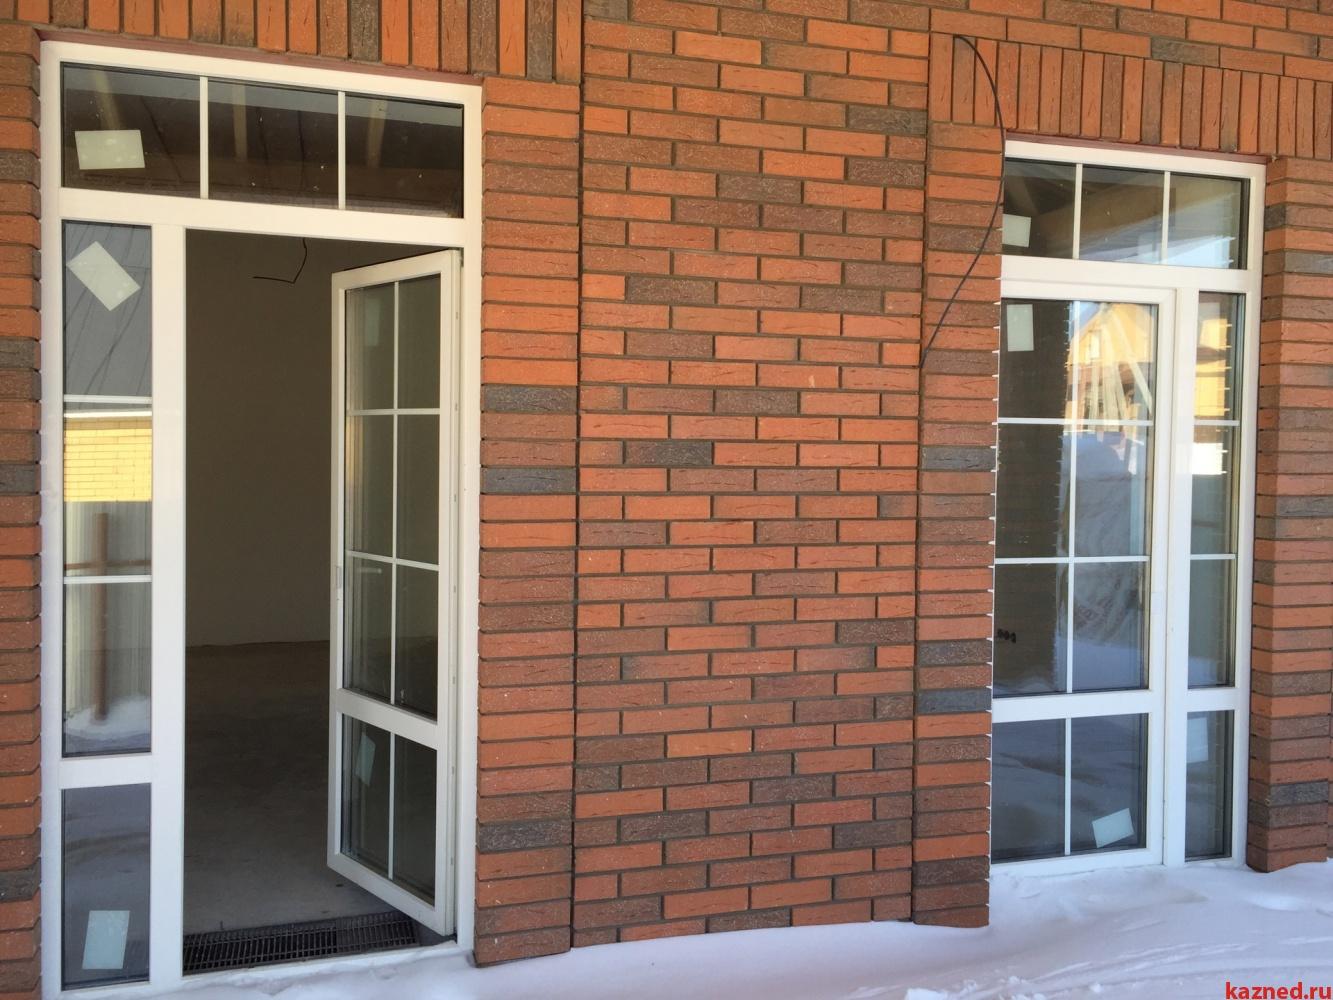 Продажа  дома Центральная, 51 (Константиновка), 175 м2  (миниатюра №4)